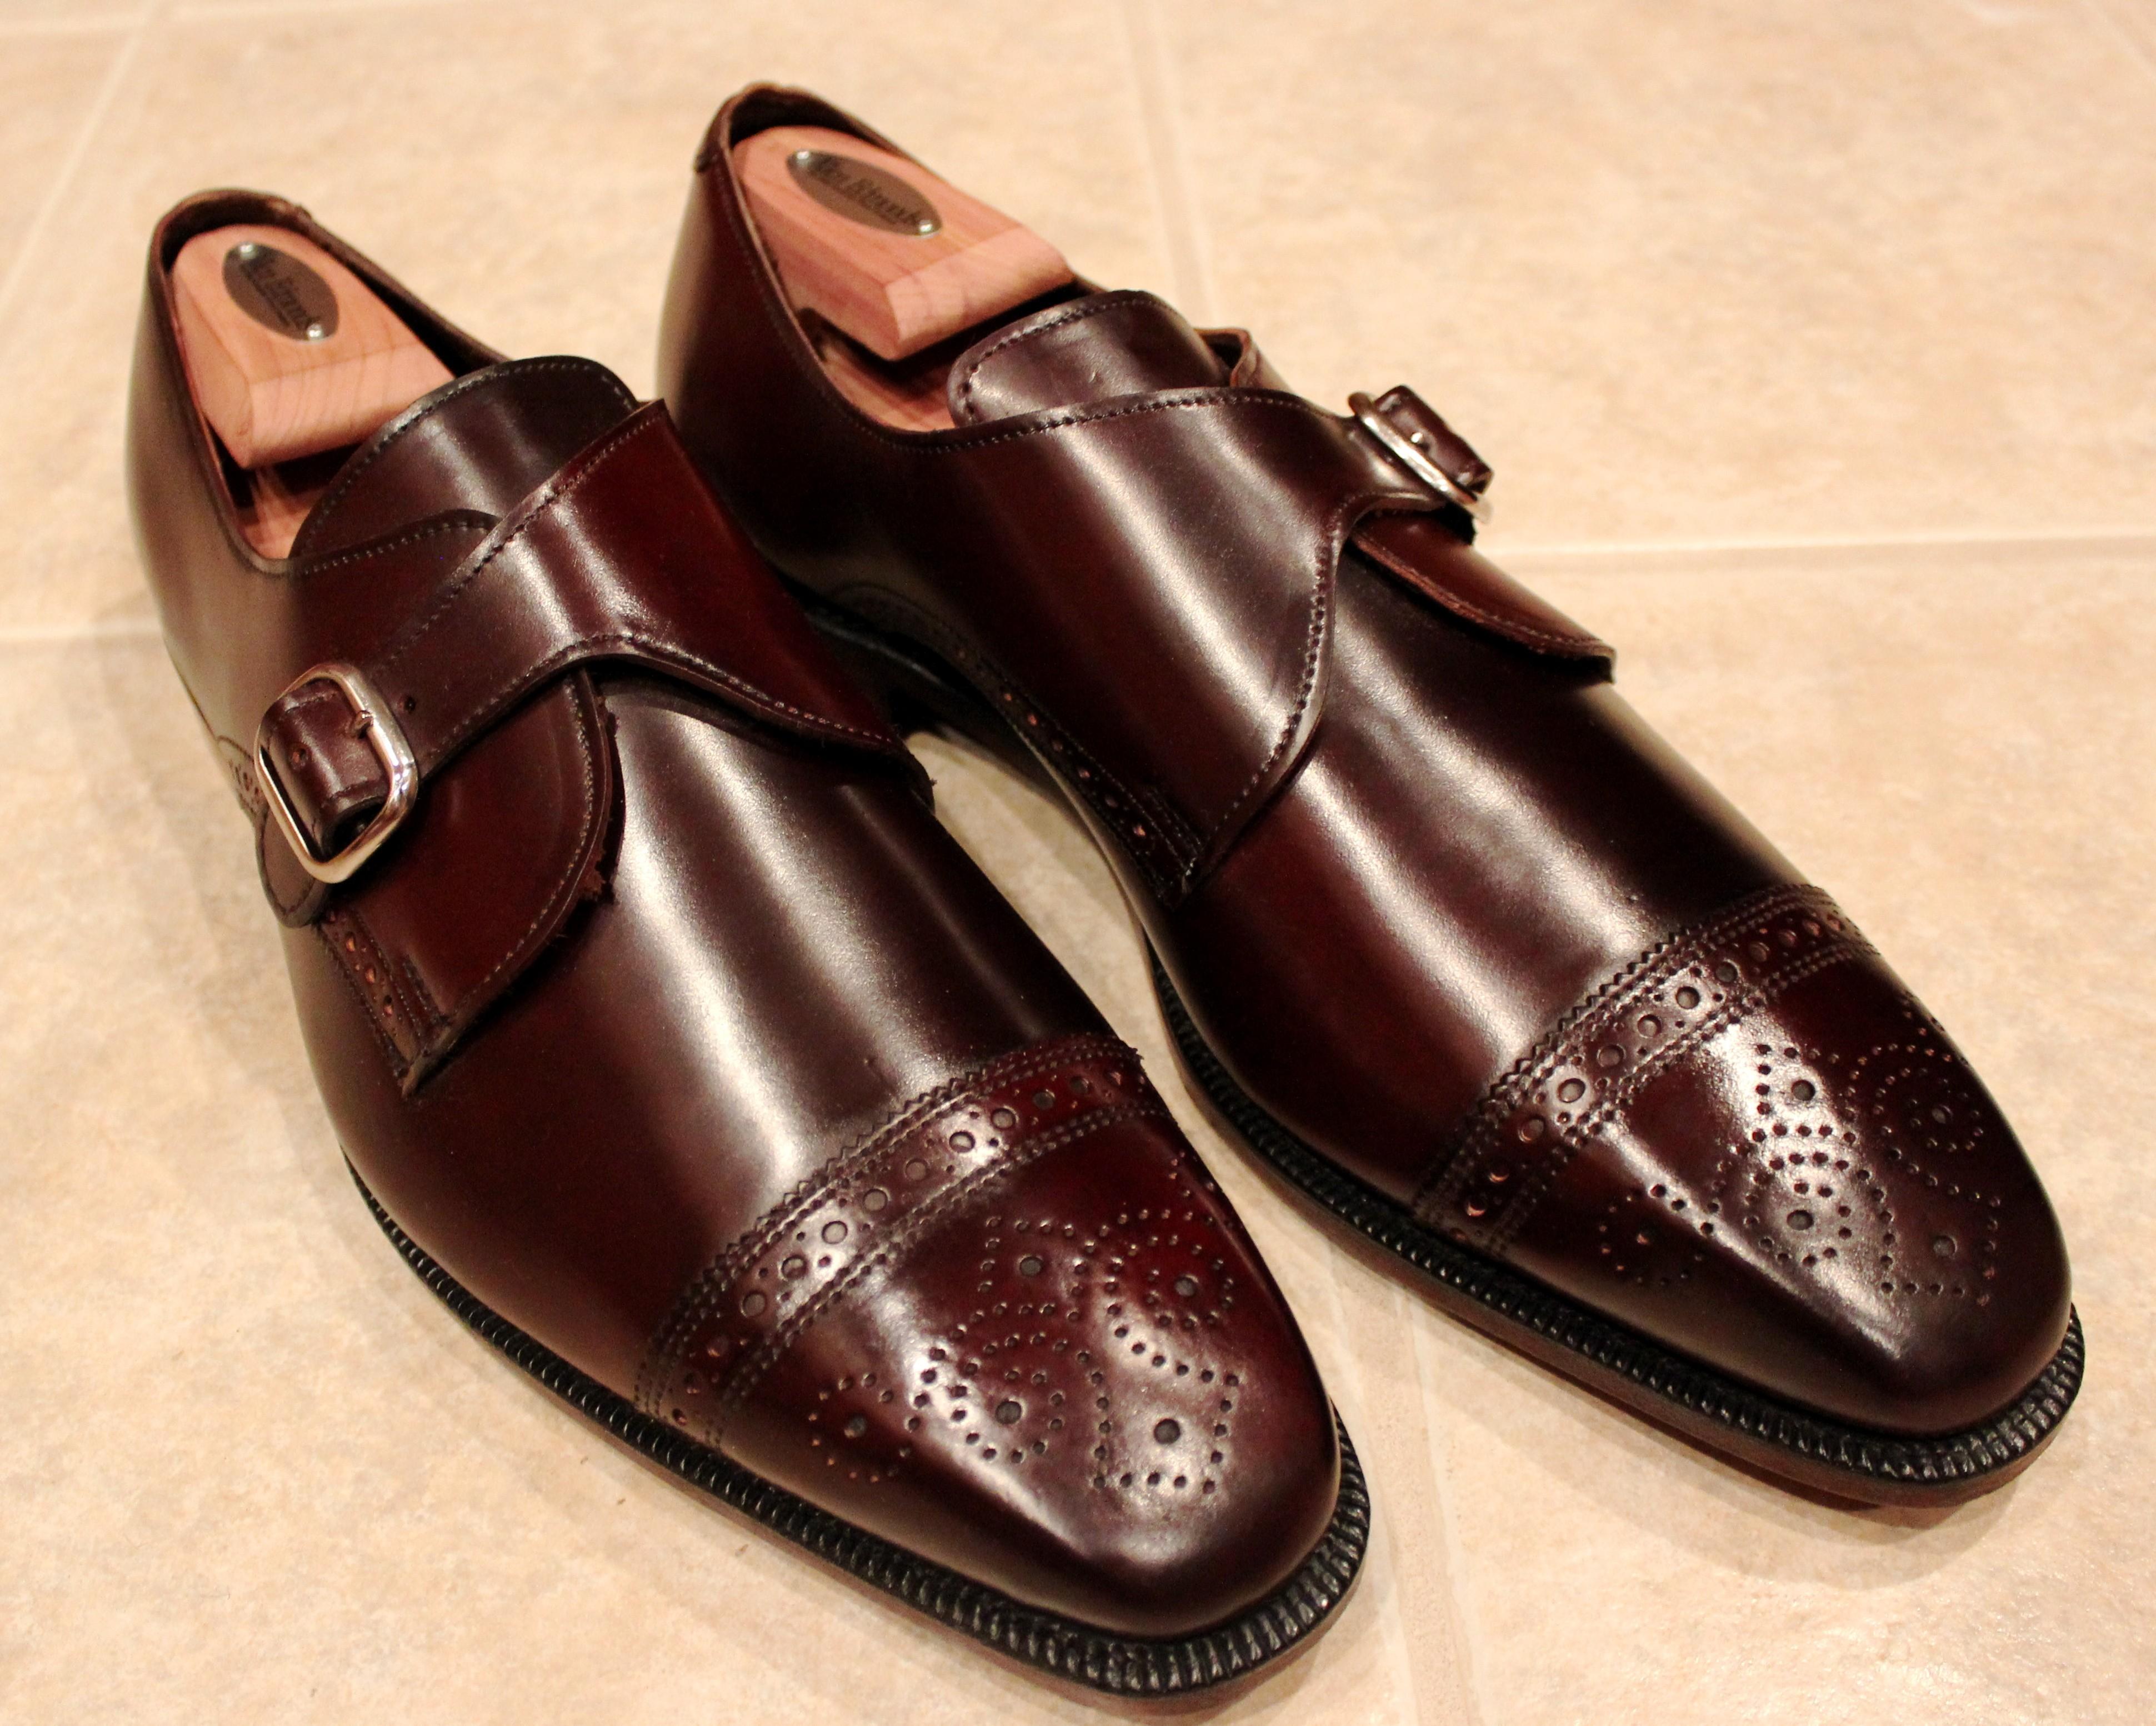 Burgundy Dress Shoes For Men